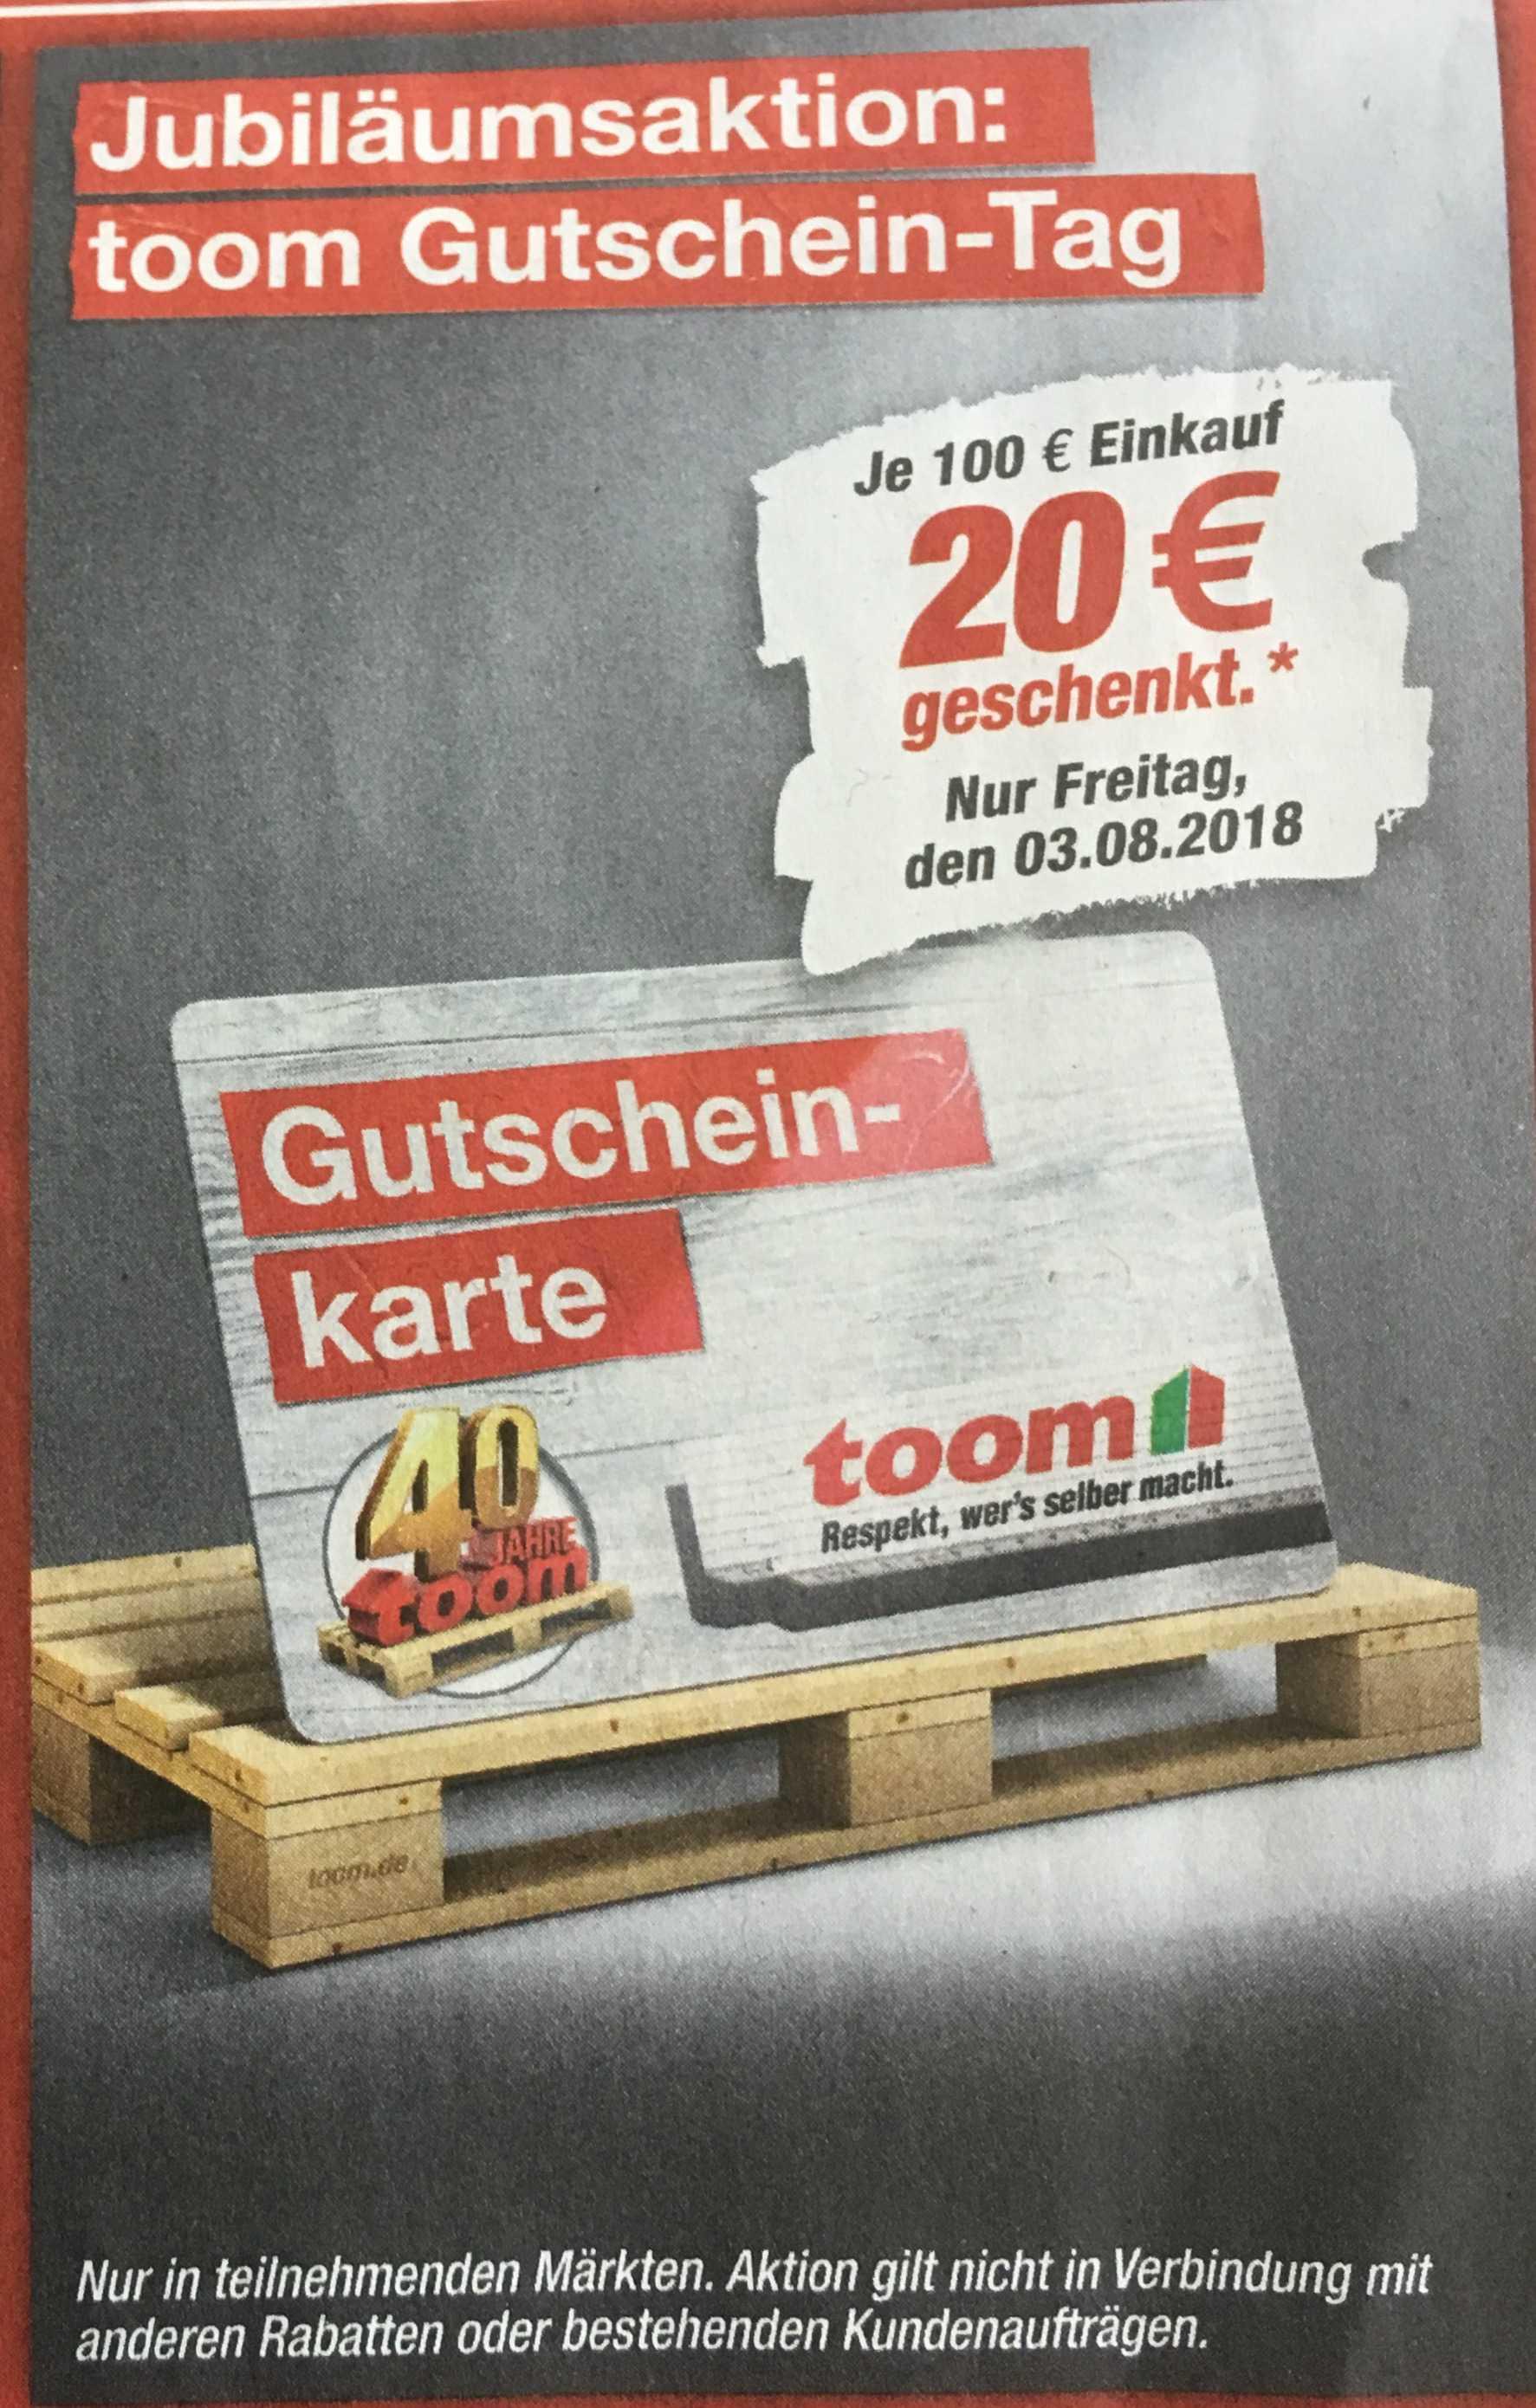 Toom Baumarkt: am 03.08. 20€ Gutschein erhalten für 100€ Einkauf ...